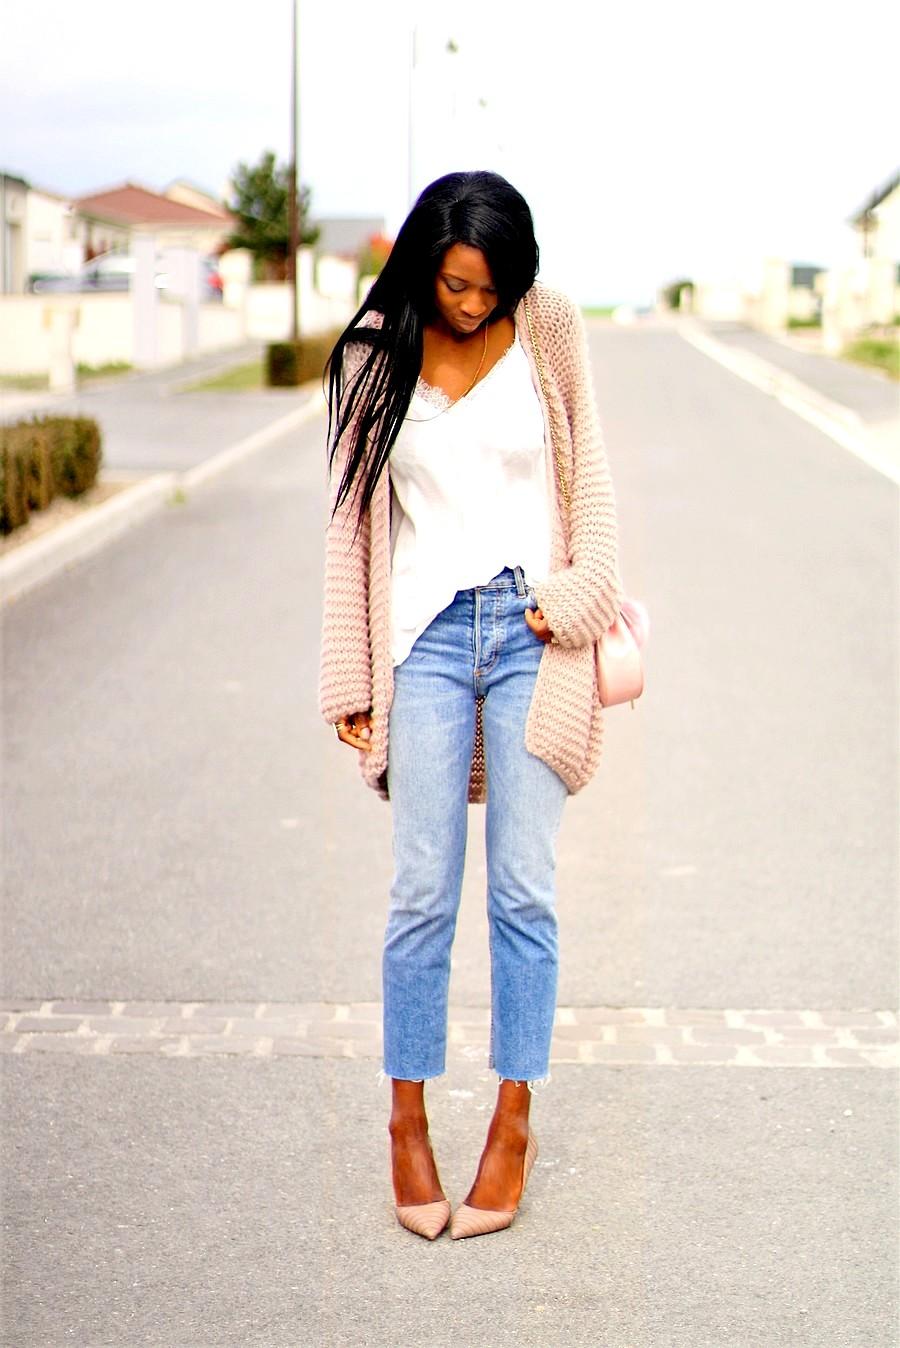 idee-look-mi-saison-jeans-taille-haute-gilet-oversize